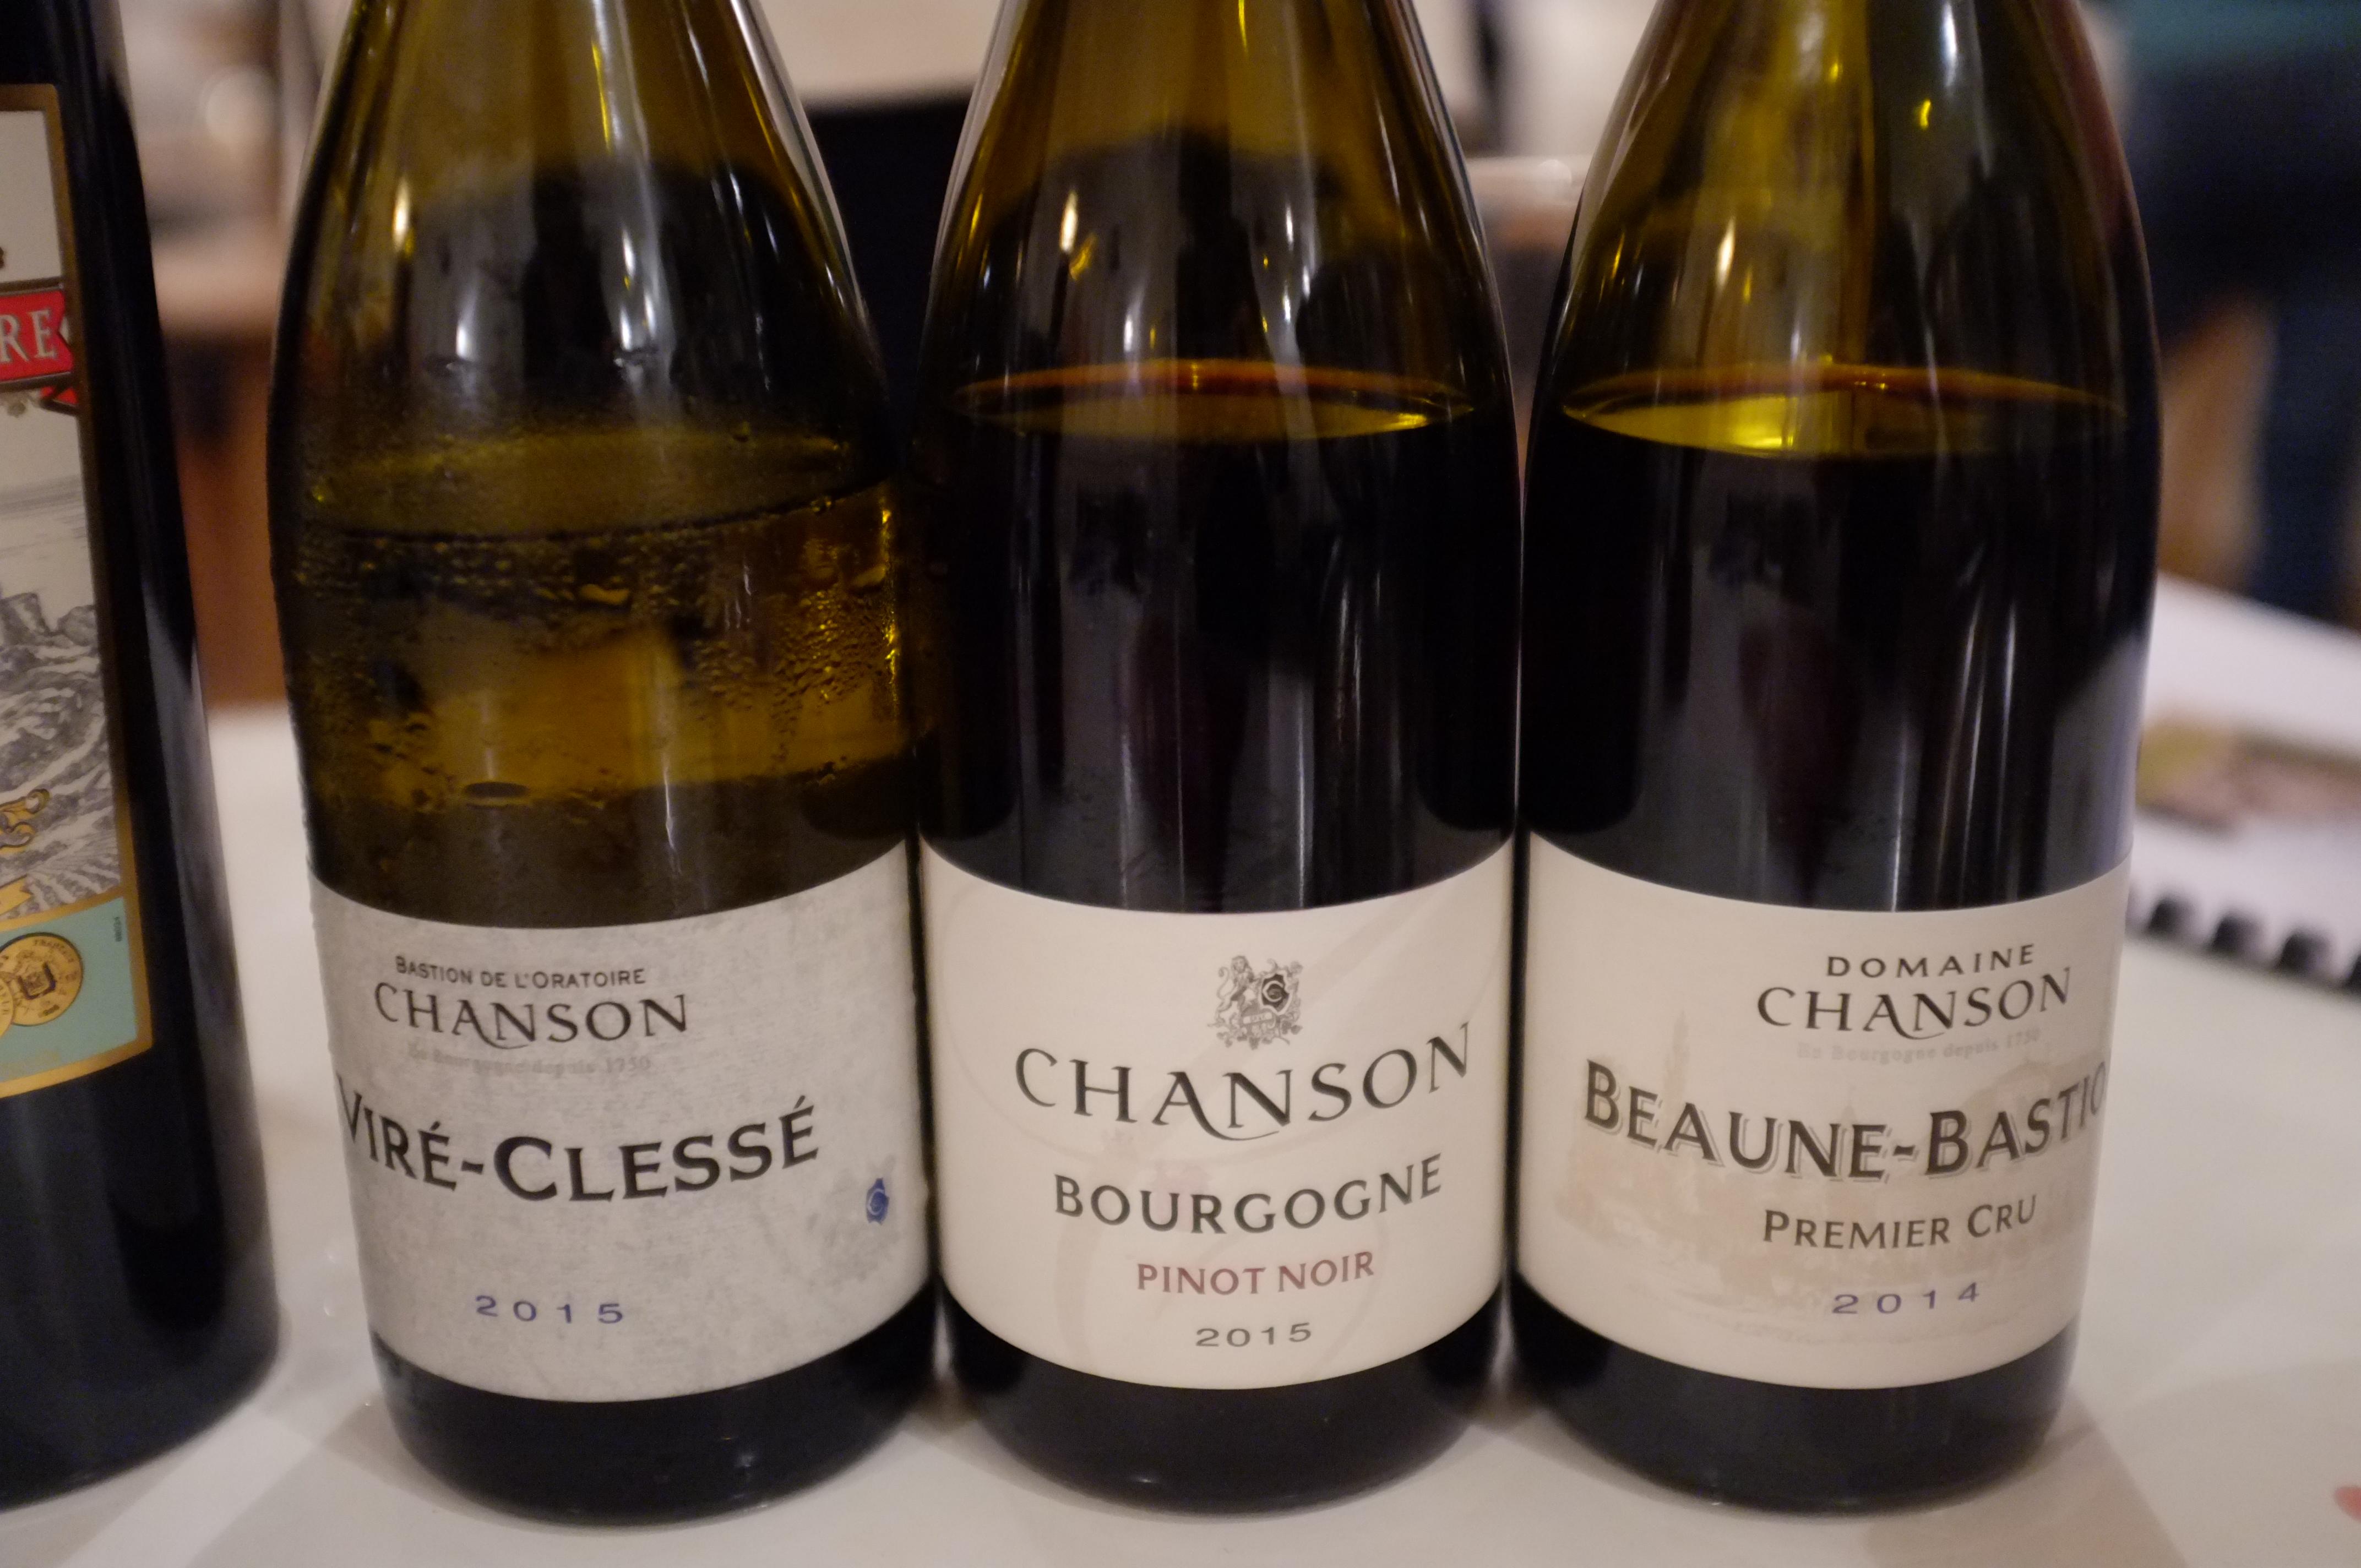 Maison Chanson bourgogne rouge, beaune 1er cru viré clessé foire aux vins 2018 monoprix